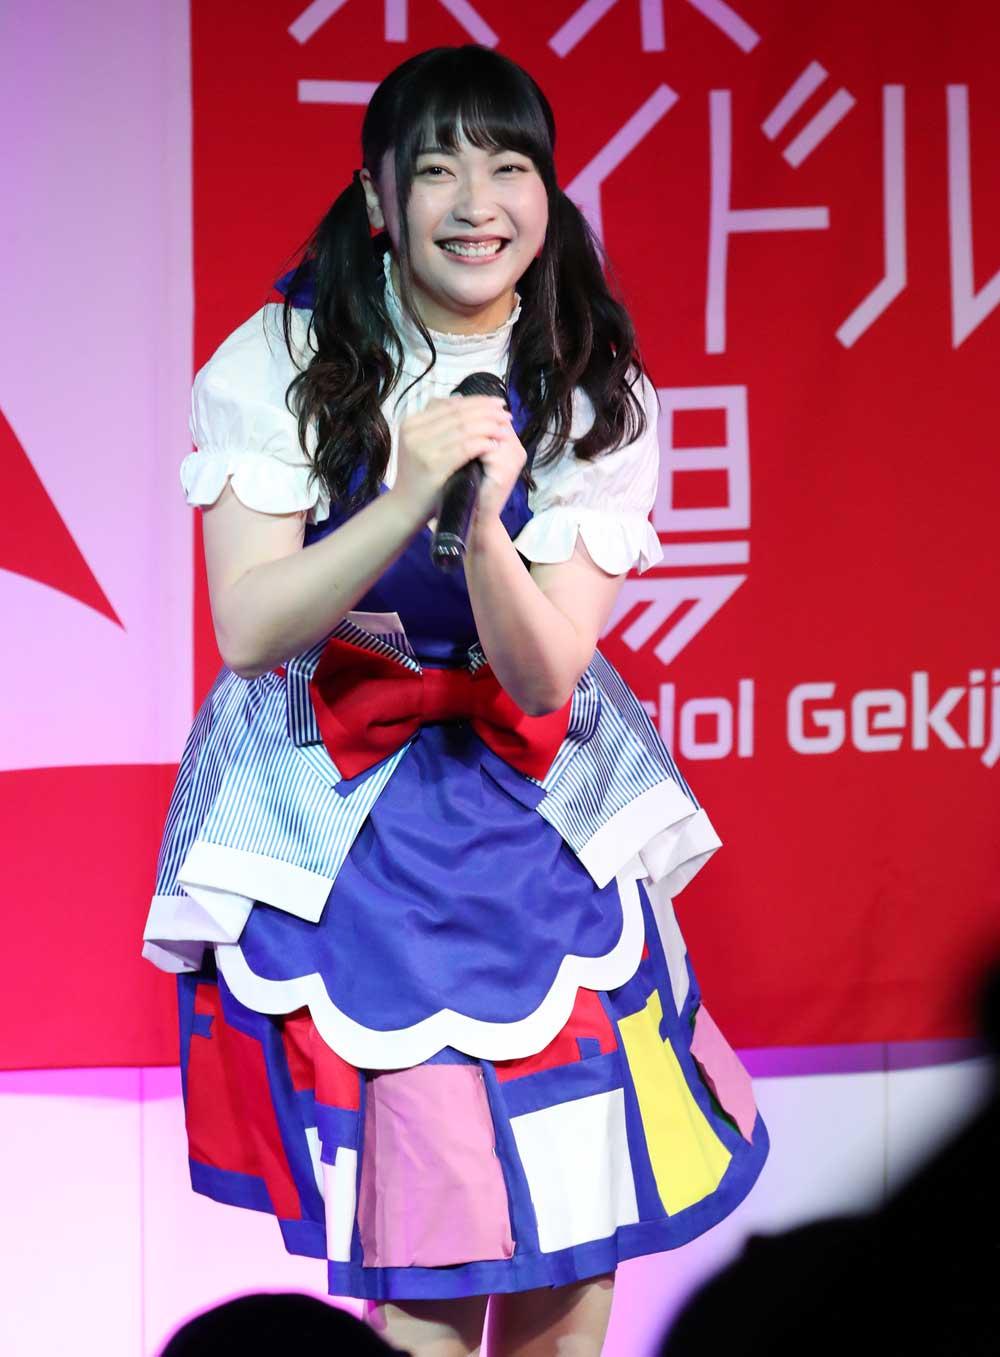 Images : 16番目の画像 - 「ミライスカート/安定&丁寧なパフォーマンスで名曲の数々を歌いきる。6月29日にはホームグラウンドの京都でフェスを開催」のアルバム - Stereo Sound ONLINE